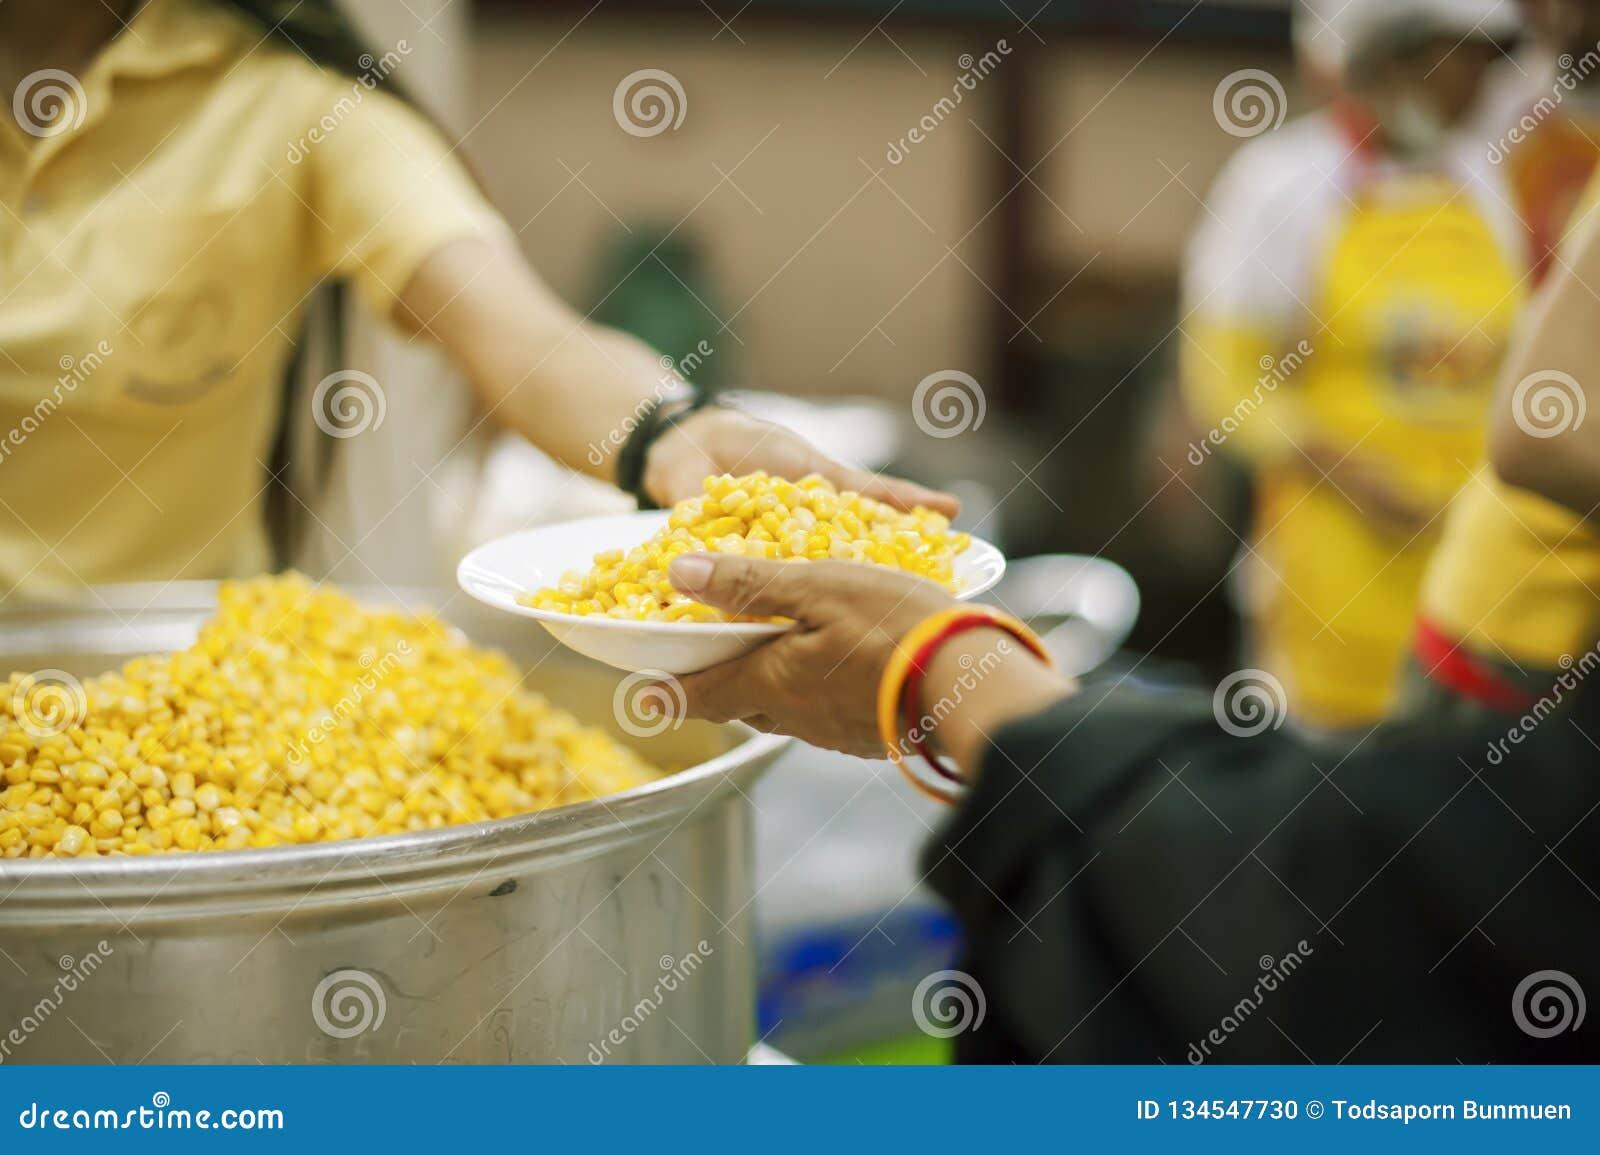 De handen van bedelaars ontvangen geschonken voedsel als aandeel in de maatschappij: het concept honger